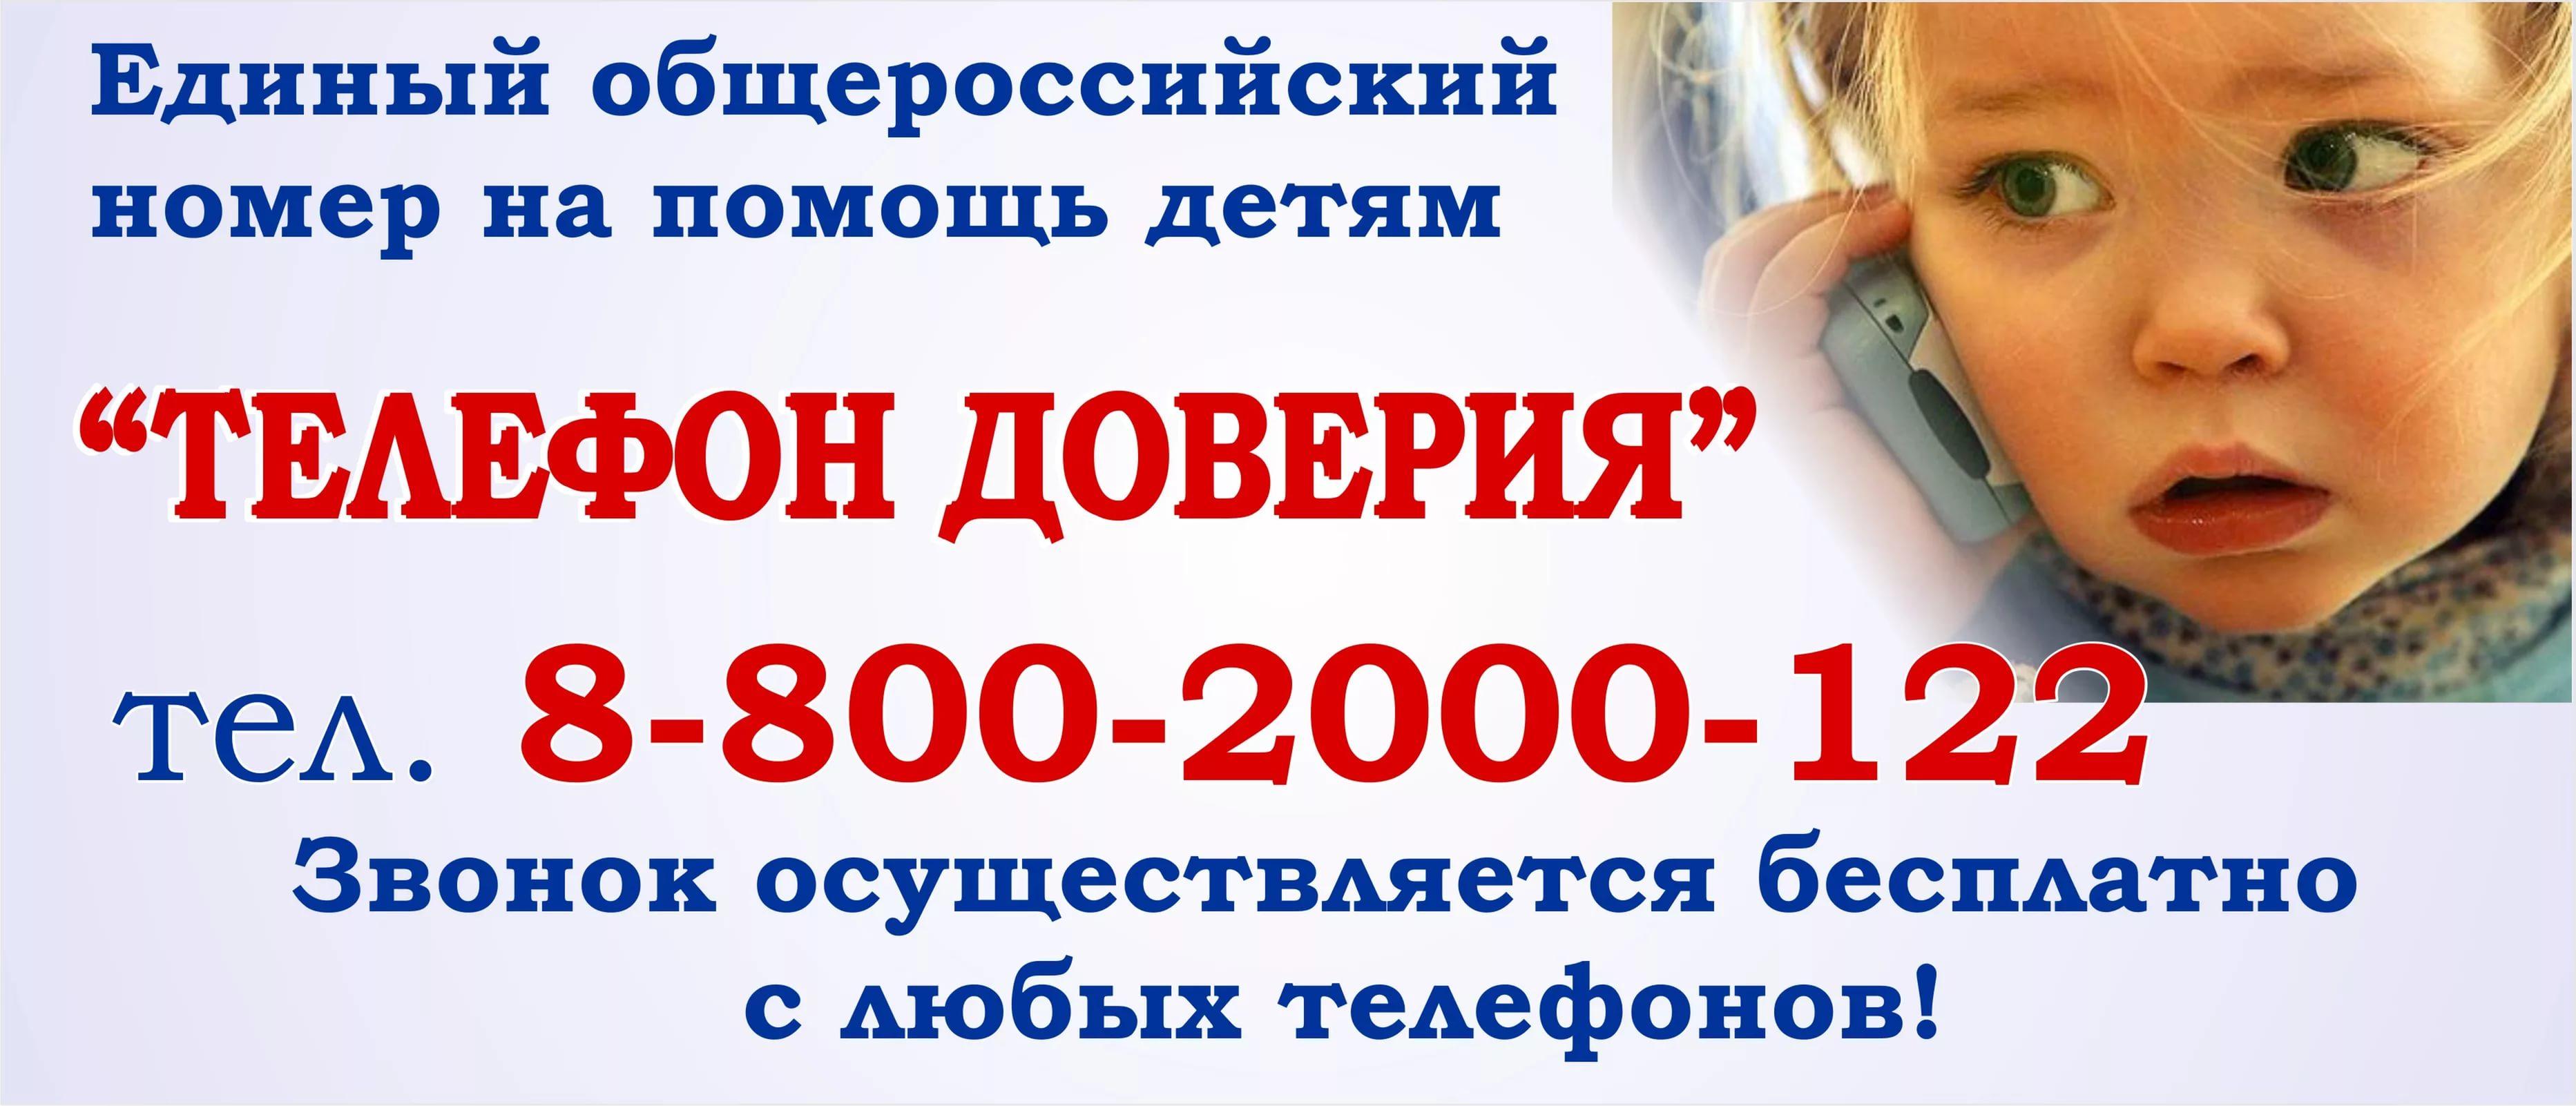 https://ds04.infourok.ru/uploads/ex/1273/00041d9a-90ae3211/hello_html_m1cfc843b.jpg